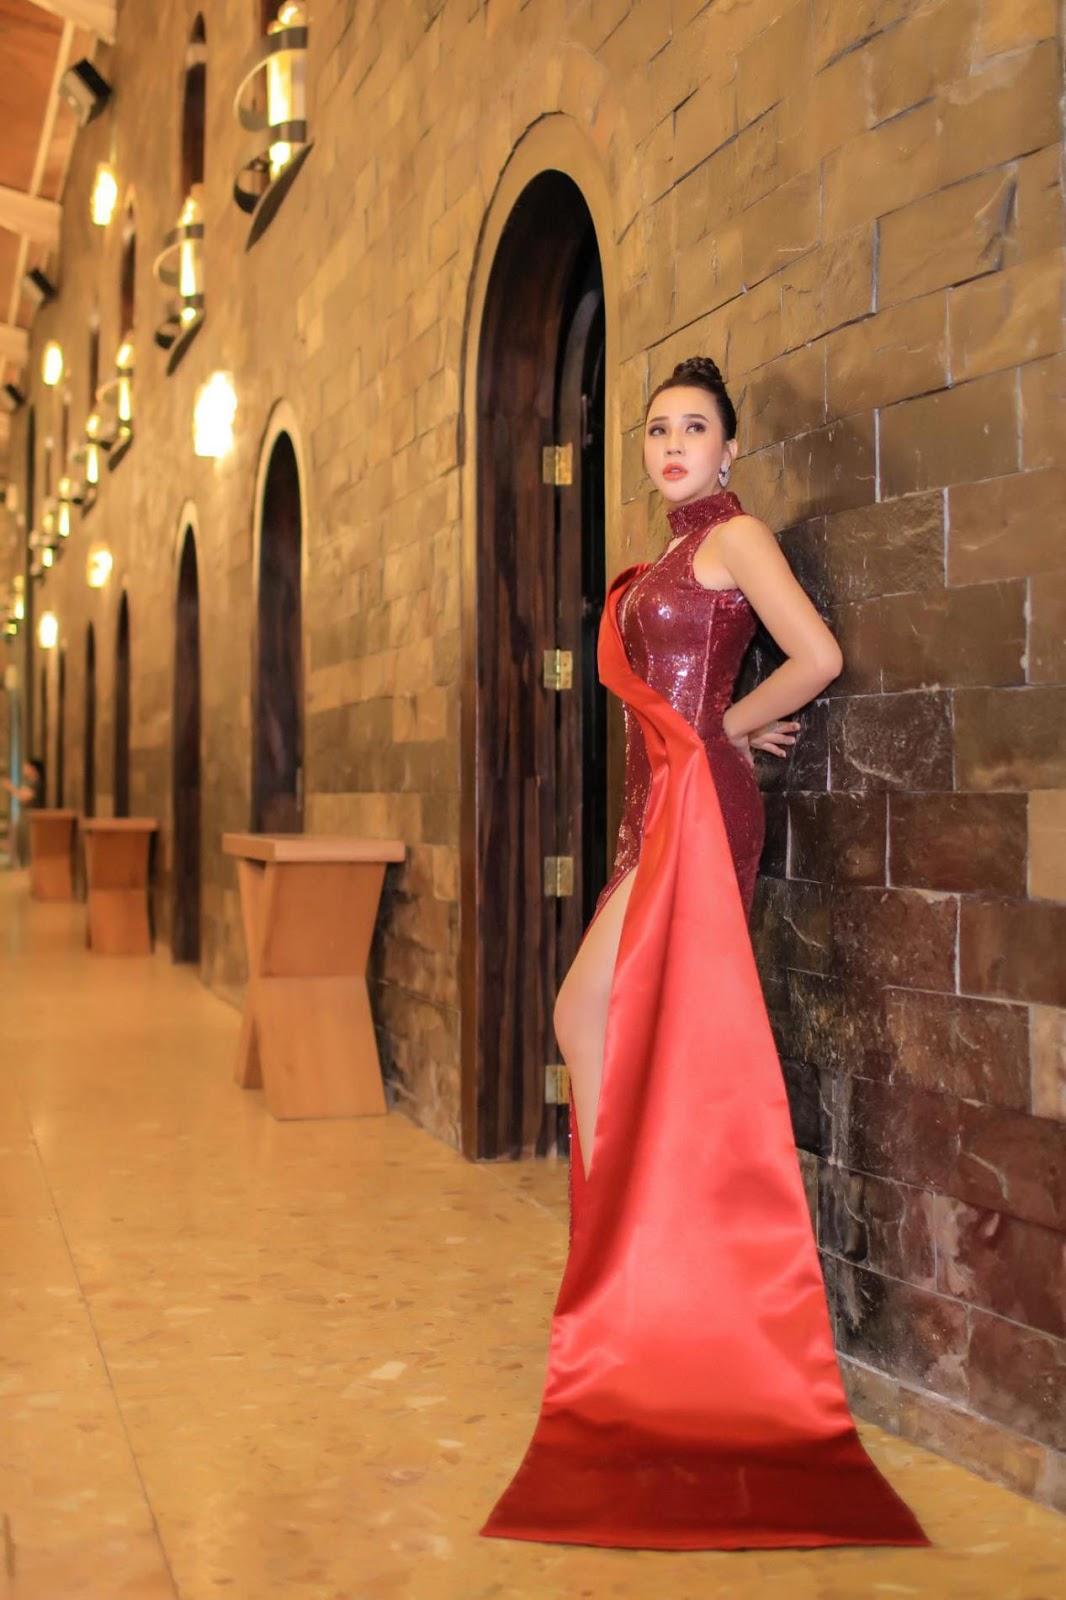 Sau một năm đăng quang hoa hậu, Lê Đỗ Minh Thảo 'lột xác' đến ngỡ ngàng trong loạt ảnh mới nhất - Hình 8